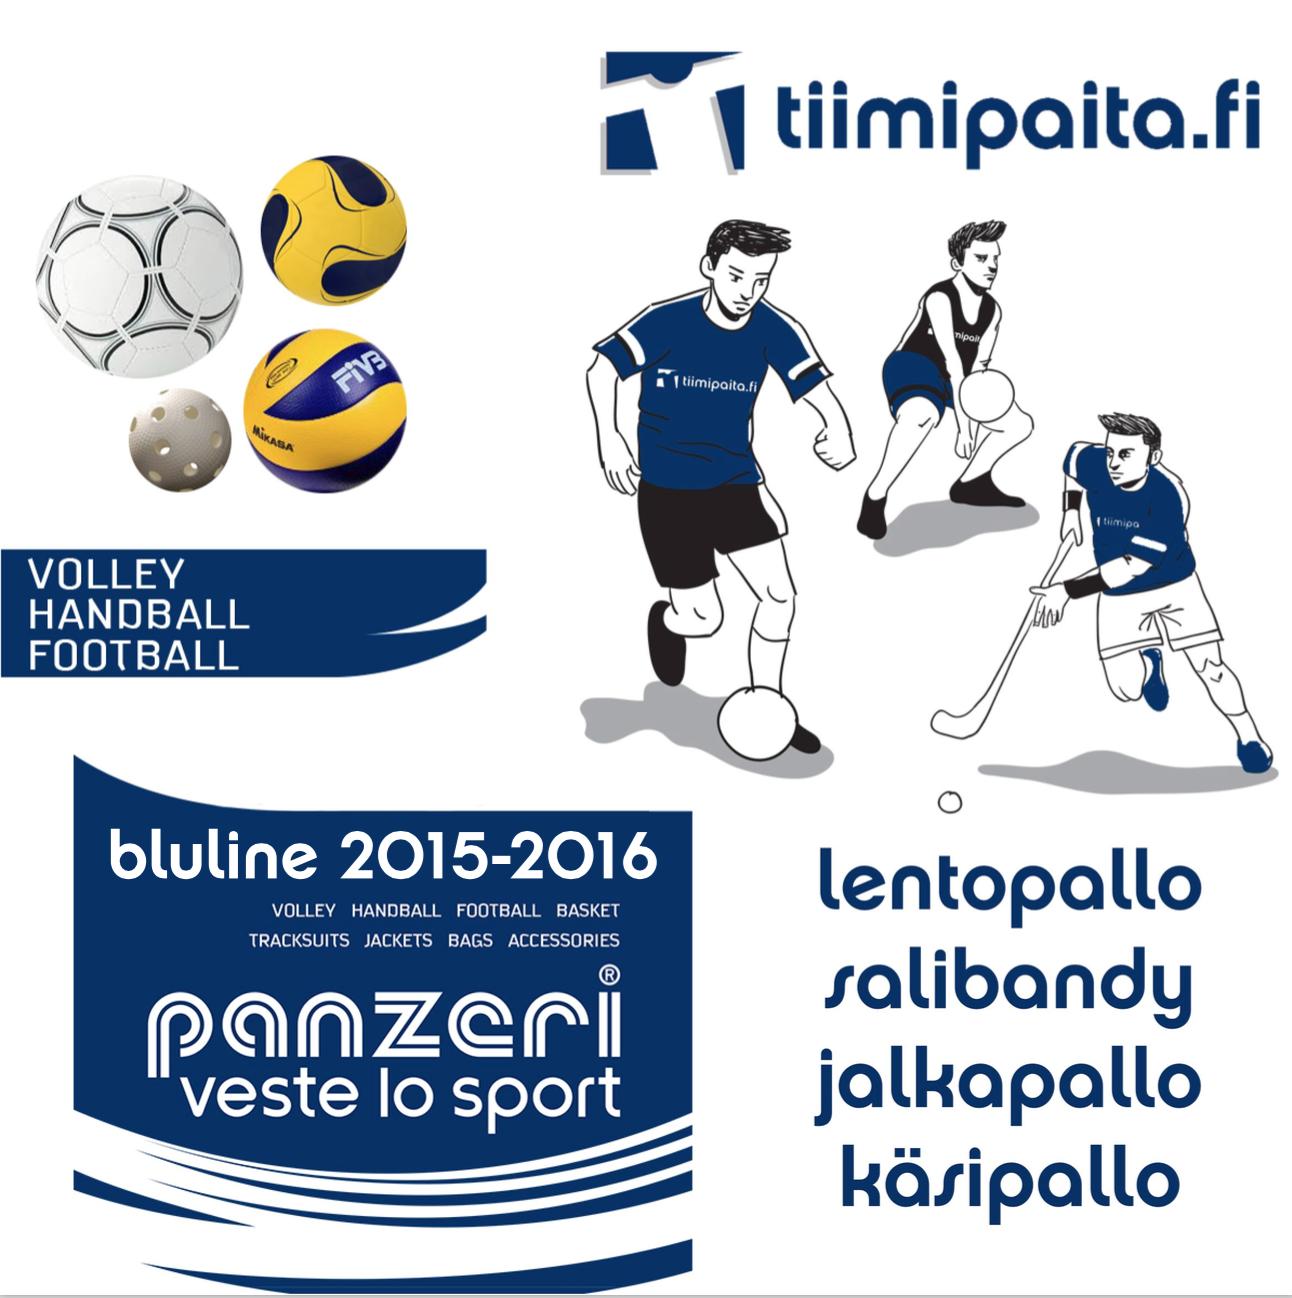 panzeri-tuotekuvasto-lentopallo-salibandy-jalkapallo-käsipallo